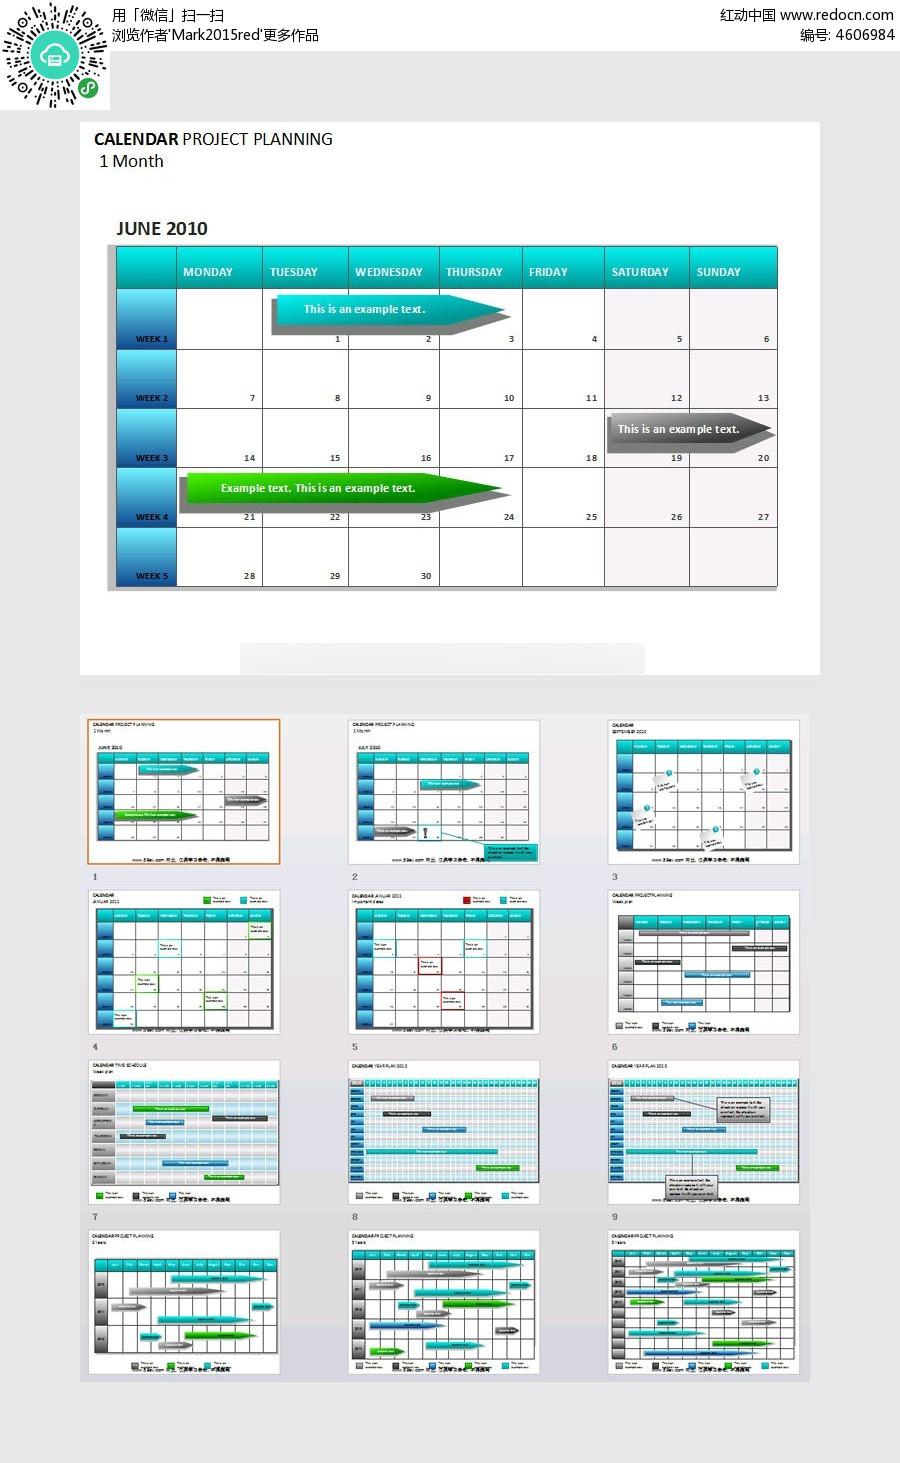 企业信息数据图表ppt模板免费下载_表格图标素材